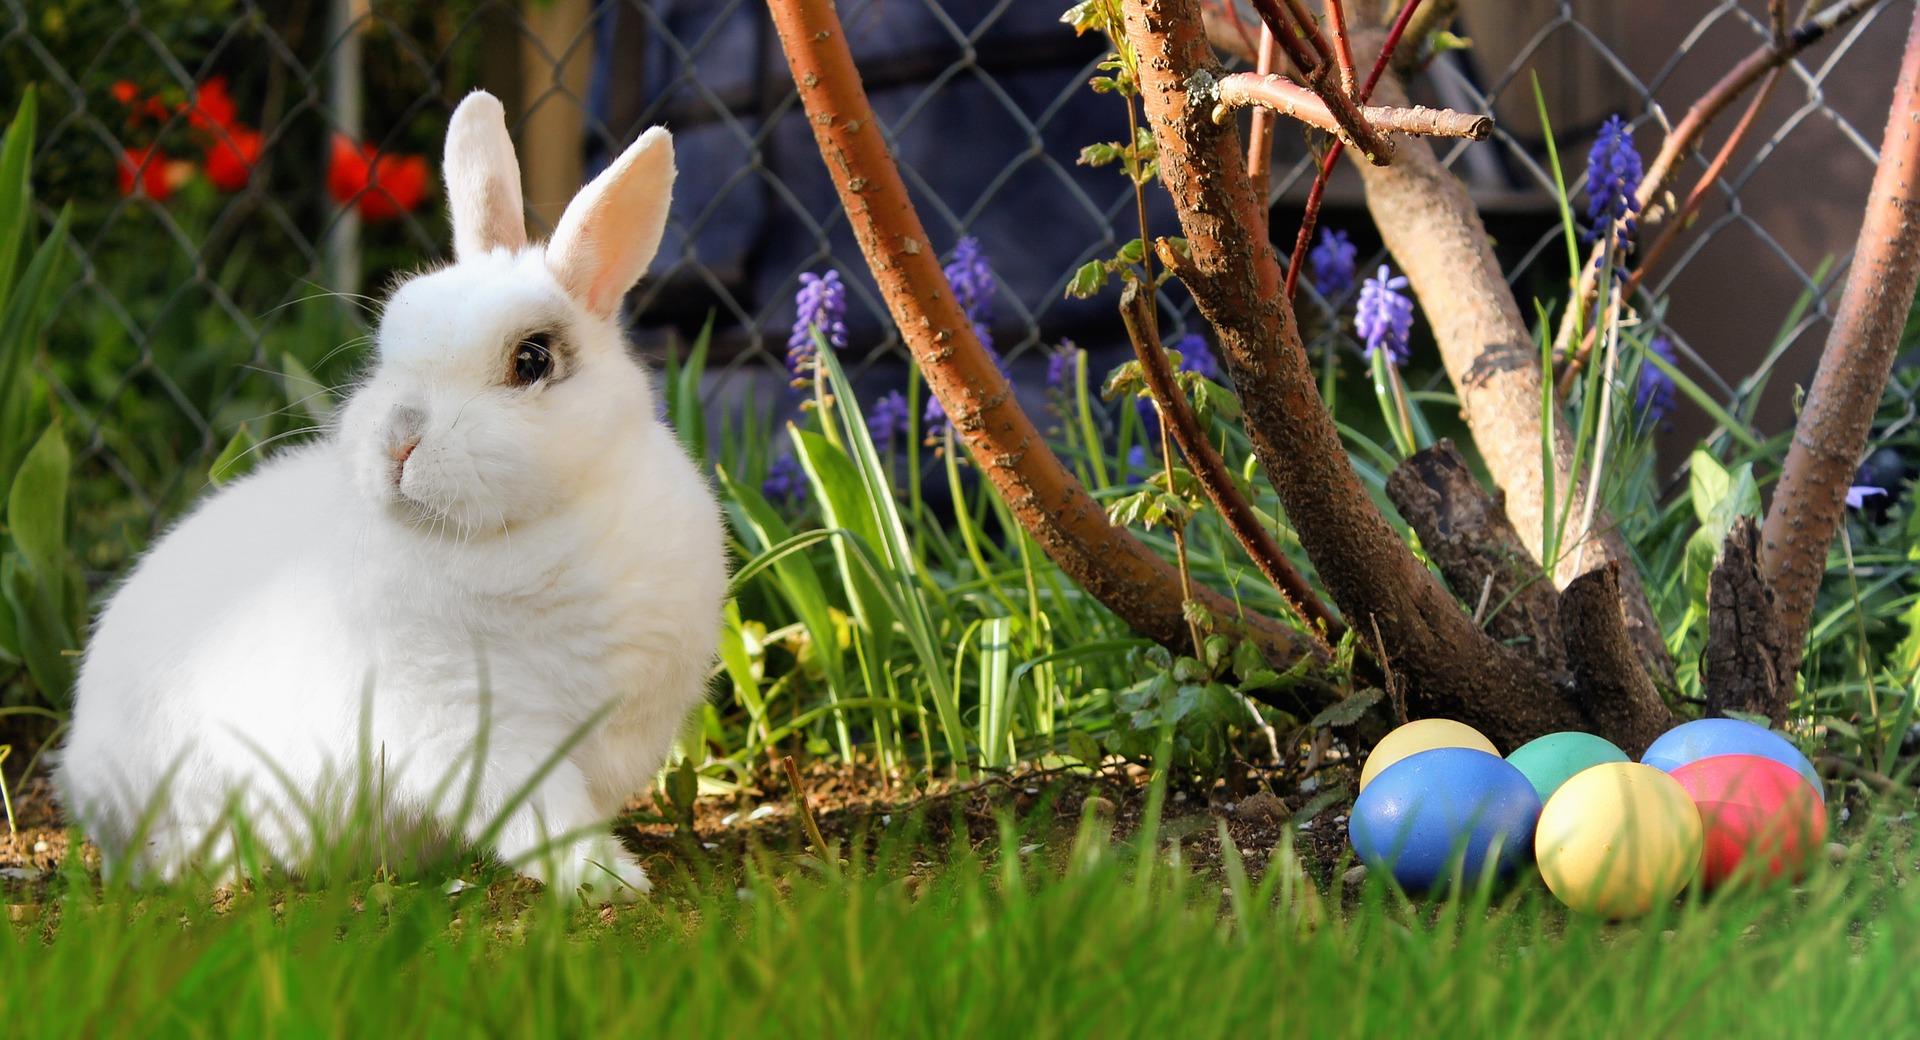 ウサギと卵